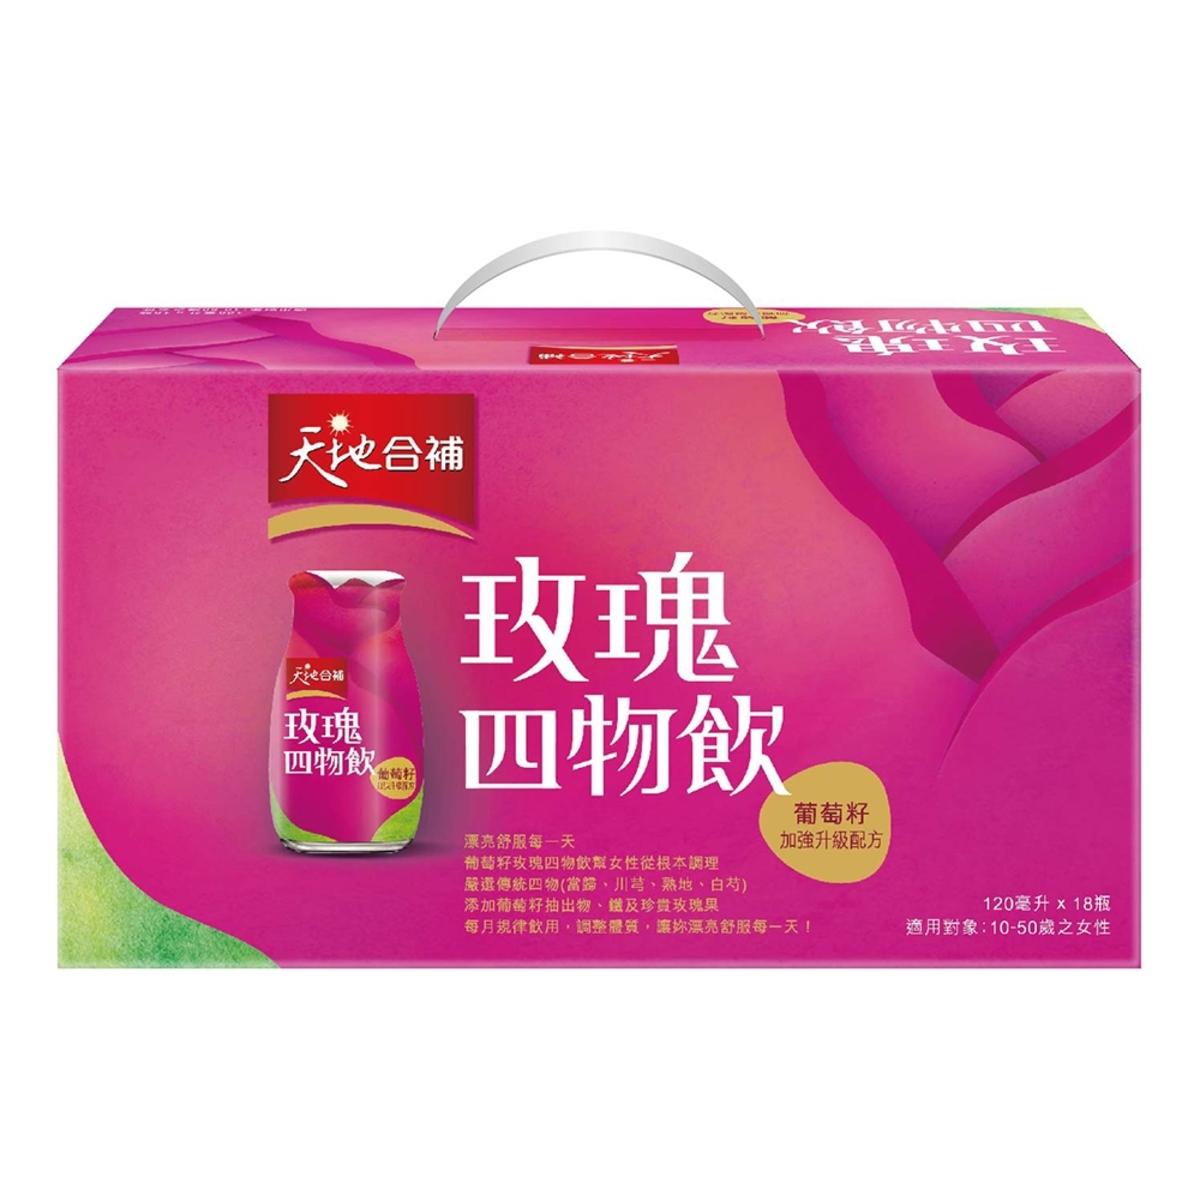 天地合補 玫瑰四物飲葡萄籽配方120毫升 18入